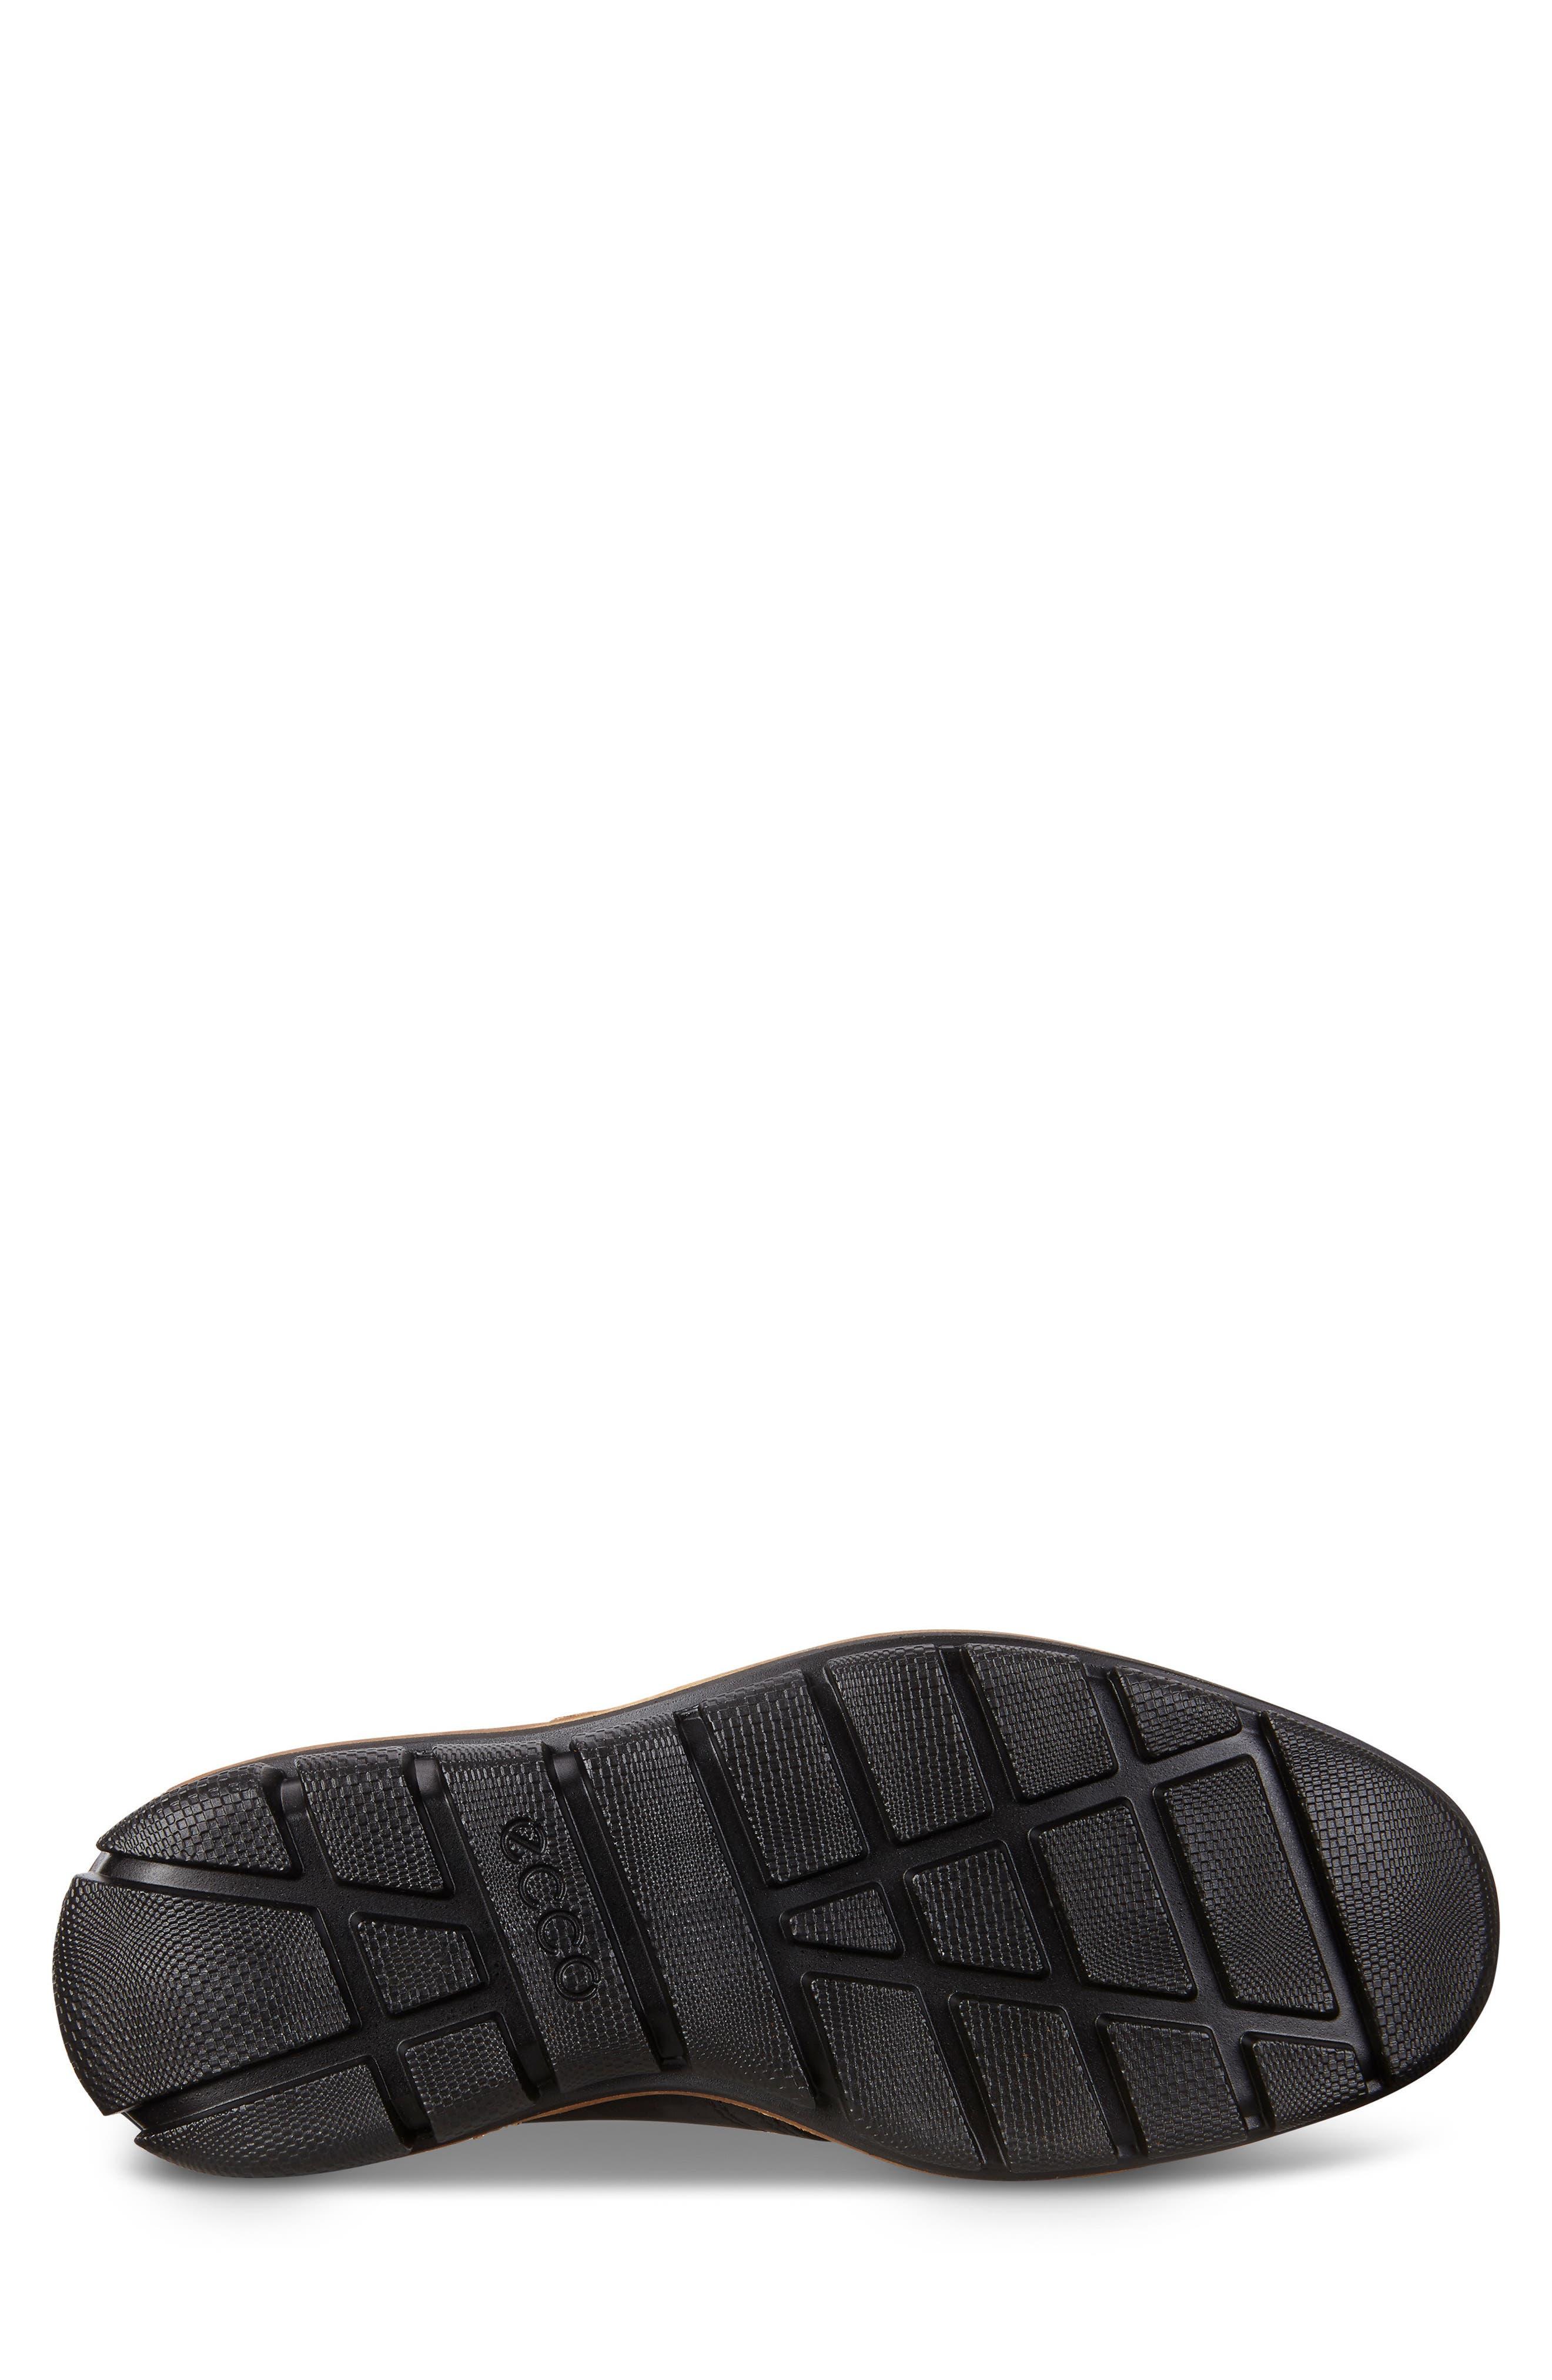 'Jeremy Hybrid' Plain Toe Boot,                             Alternate thumbnail 5, color,                             BLACK LEATHER